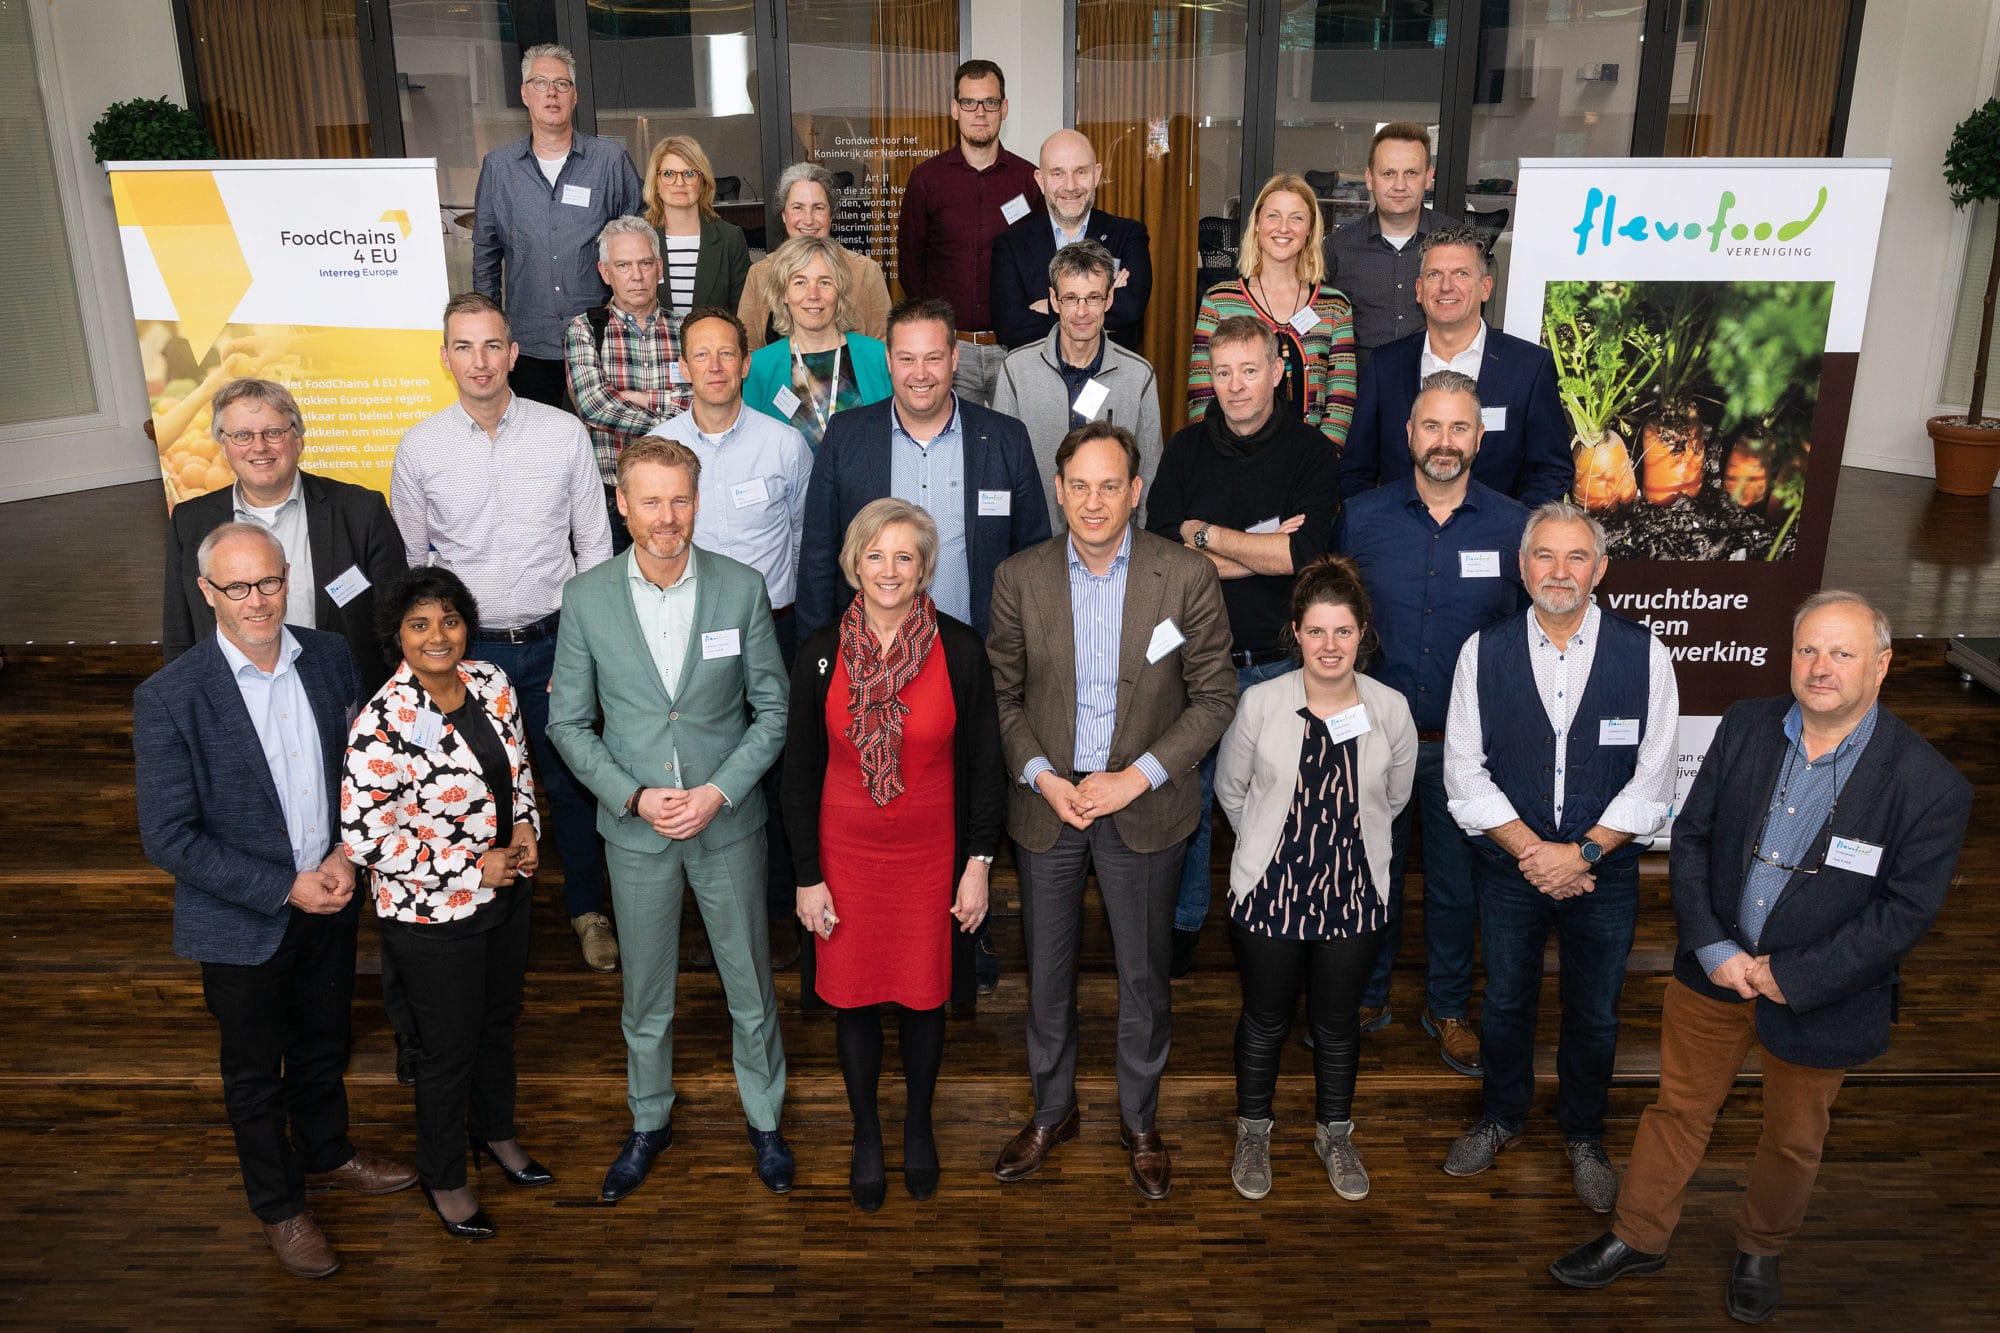 Flevolandse gemeenten en Provincie trekken samen op in realiseren voedselambities met Vereniging Flevofood